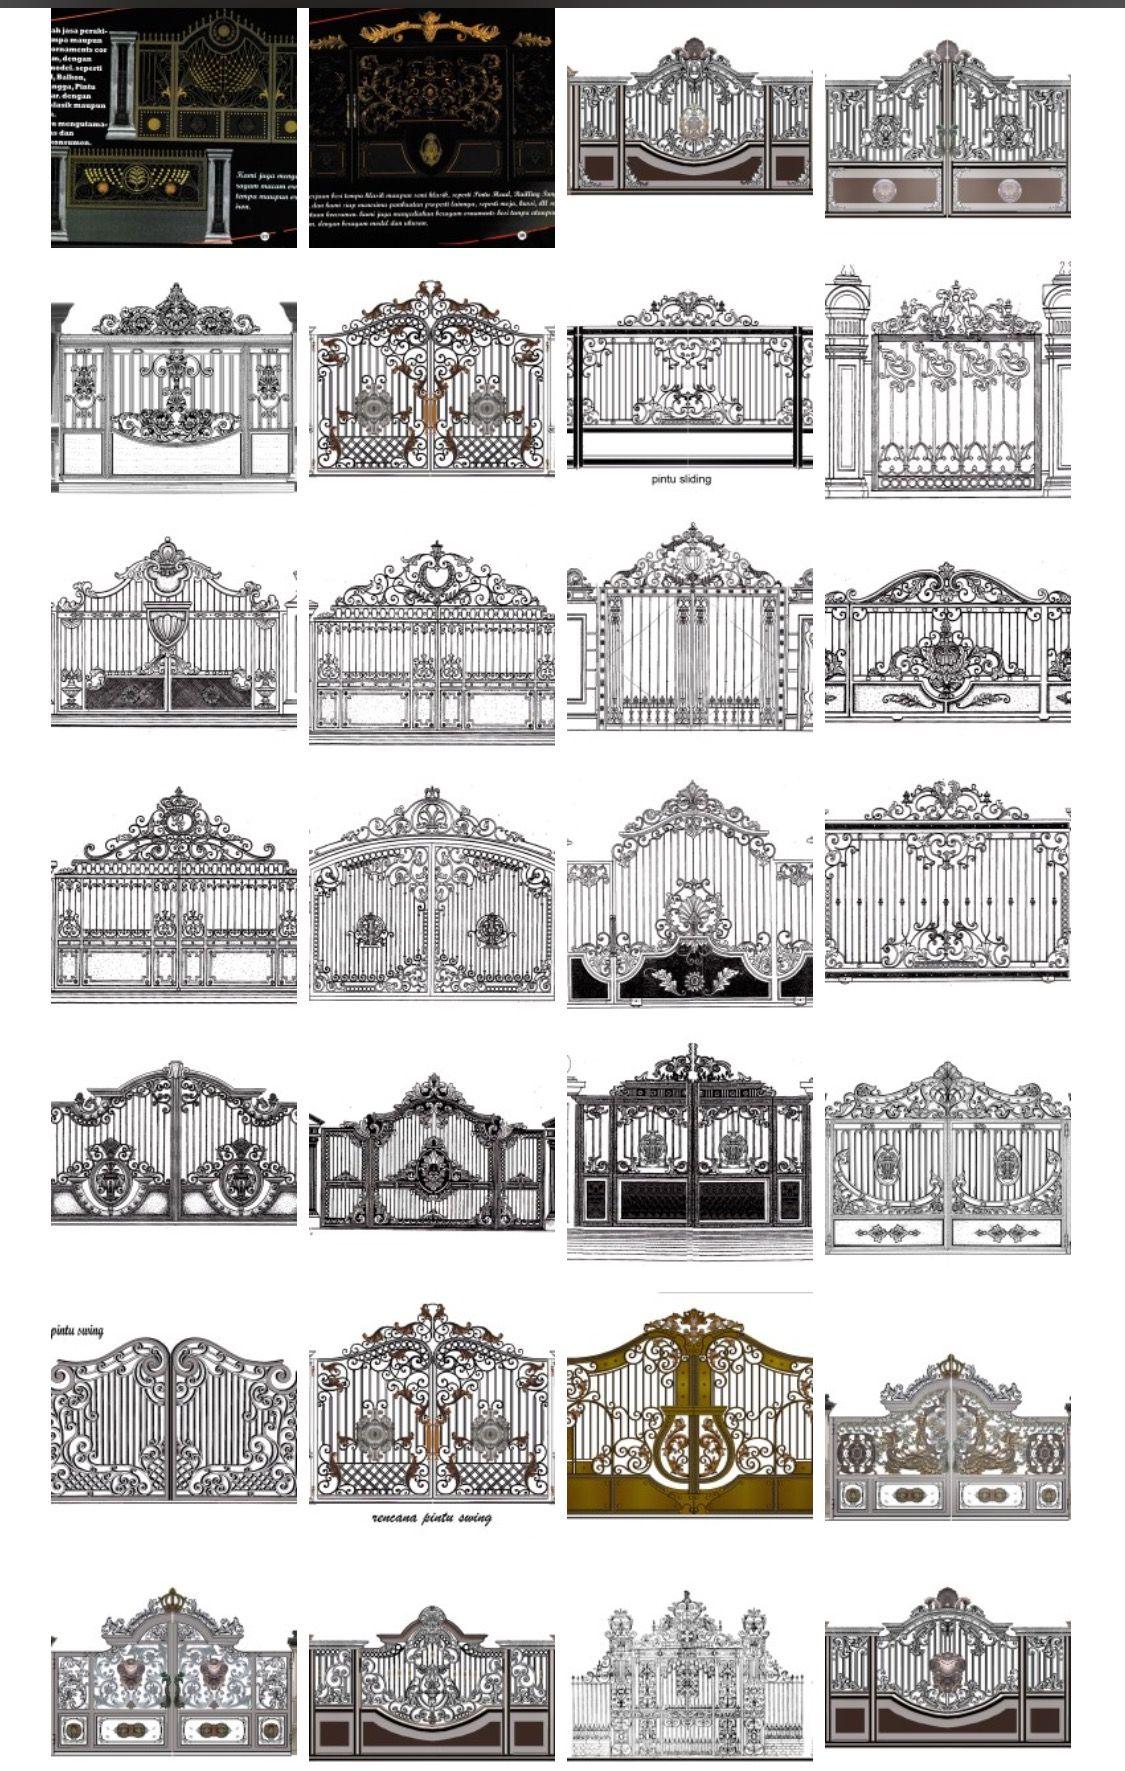 Pin Oleh Jose Avilez Di Exteriores Pintu Ide Dekorasi Rumah